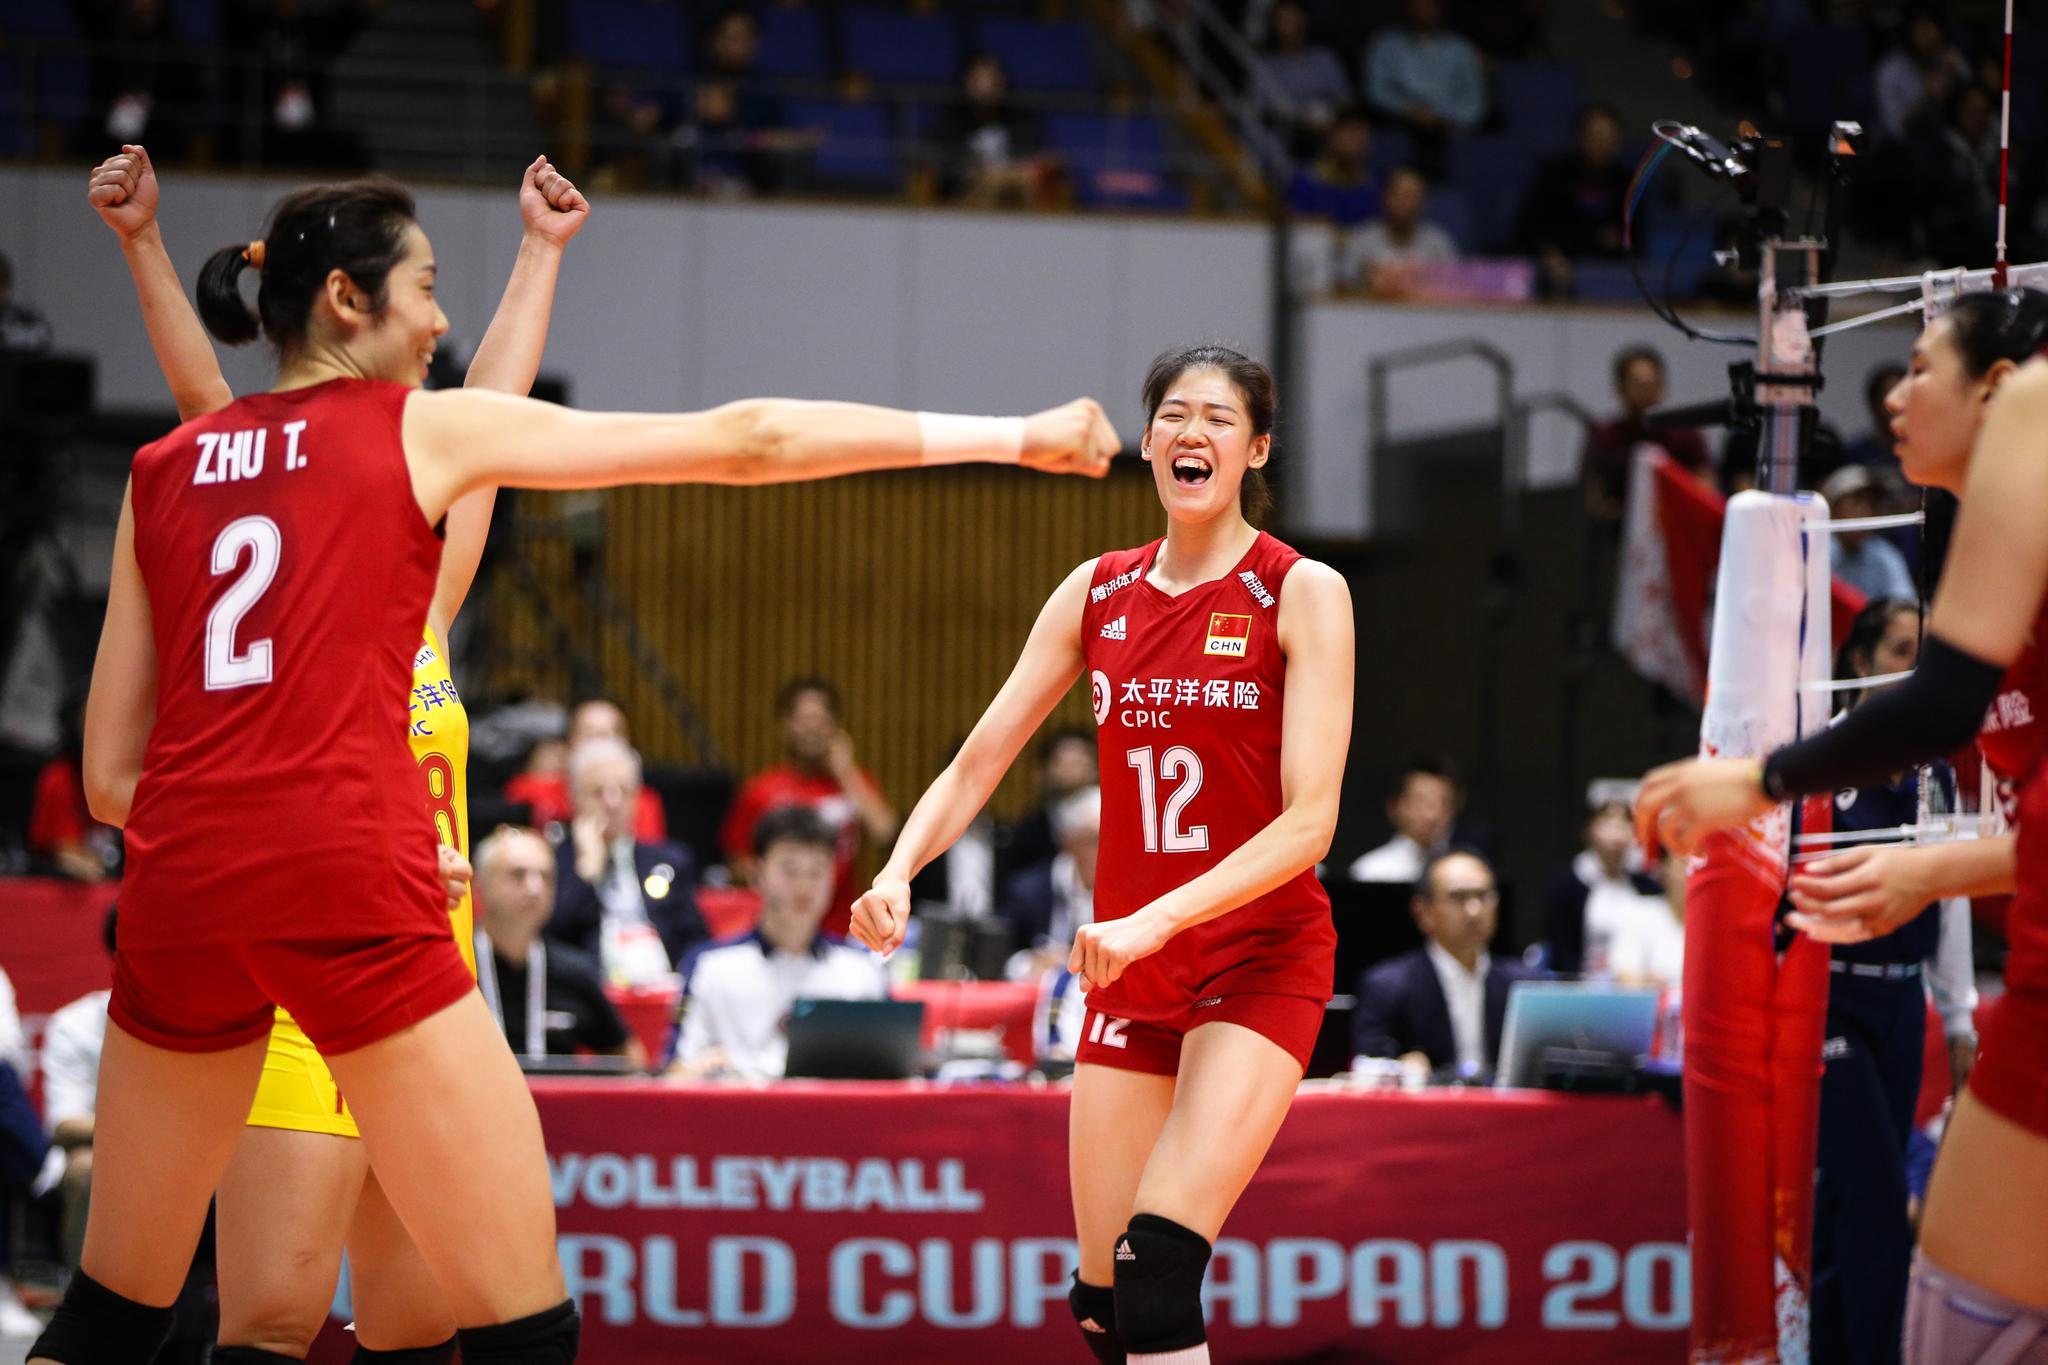 中国女排豪取世界杯六连胜。图/国际排联官网